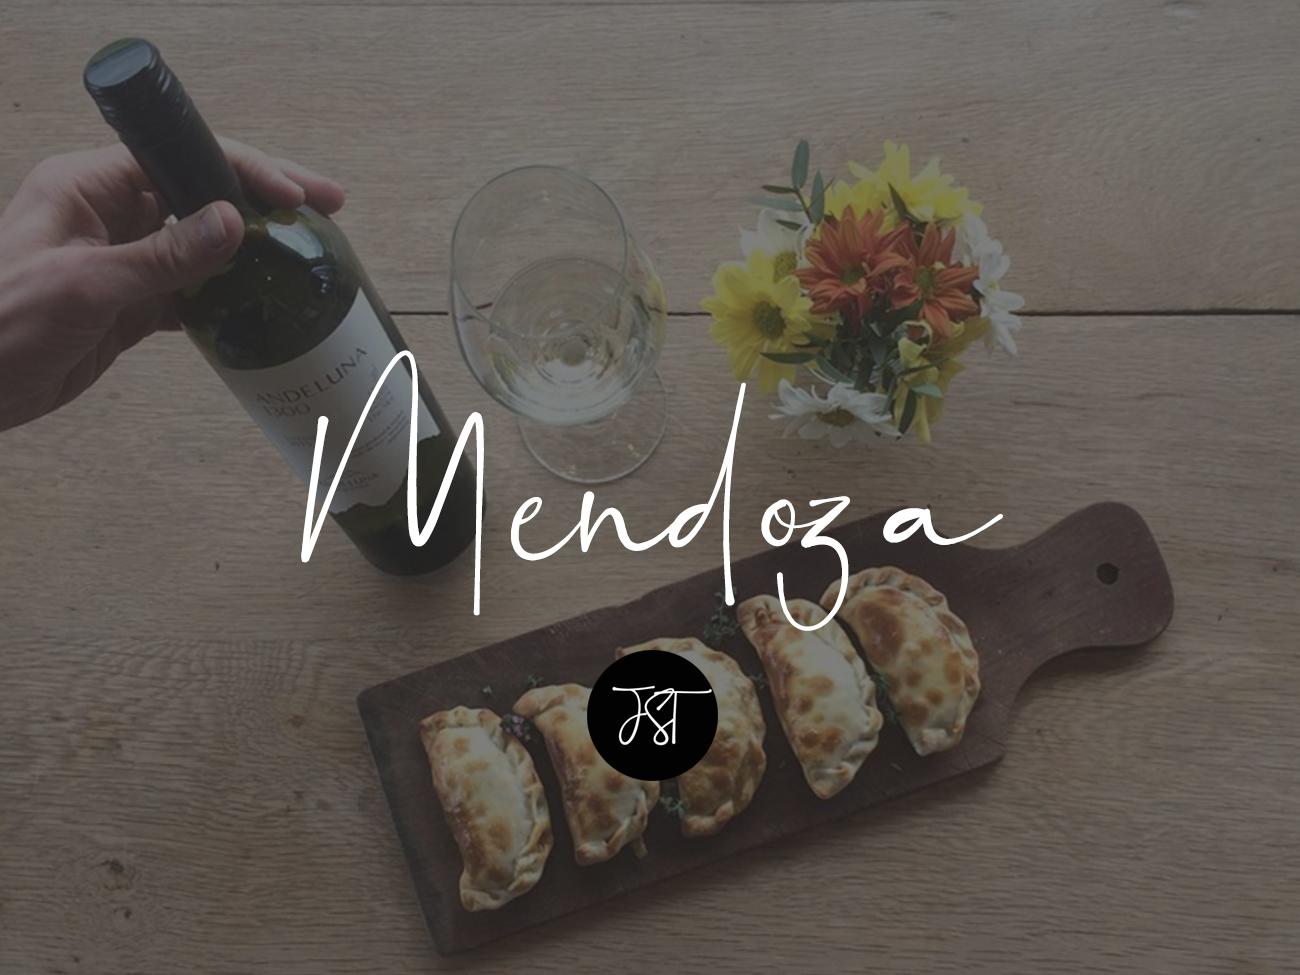 Mendoza guide